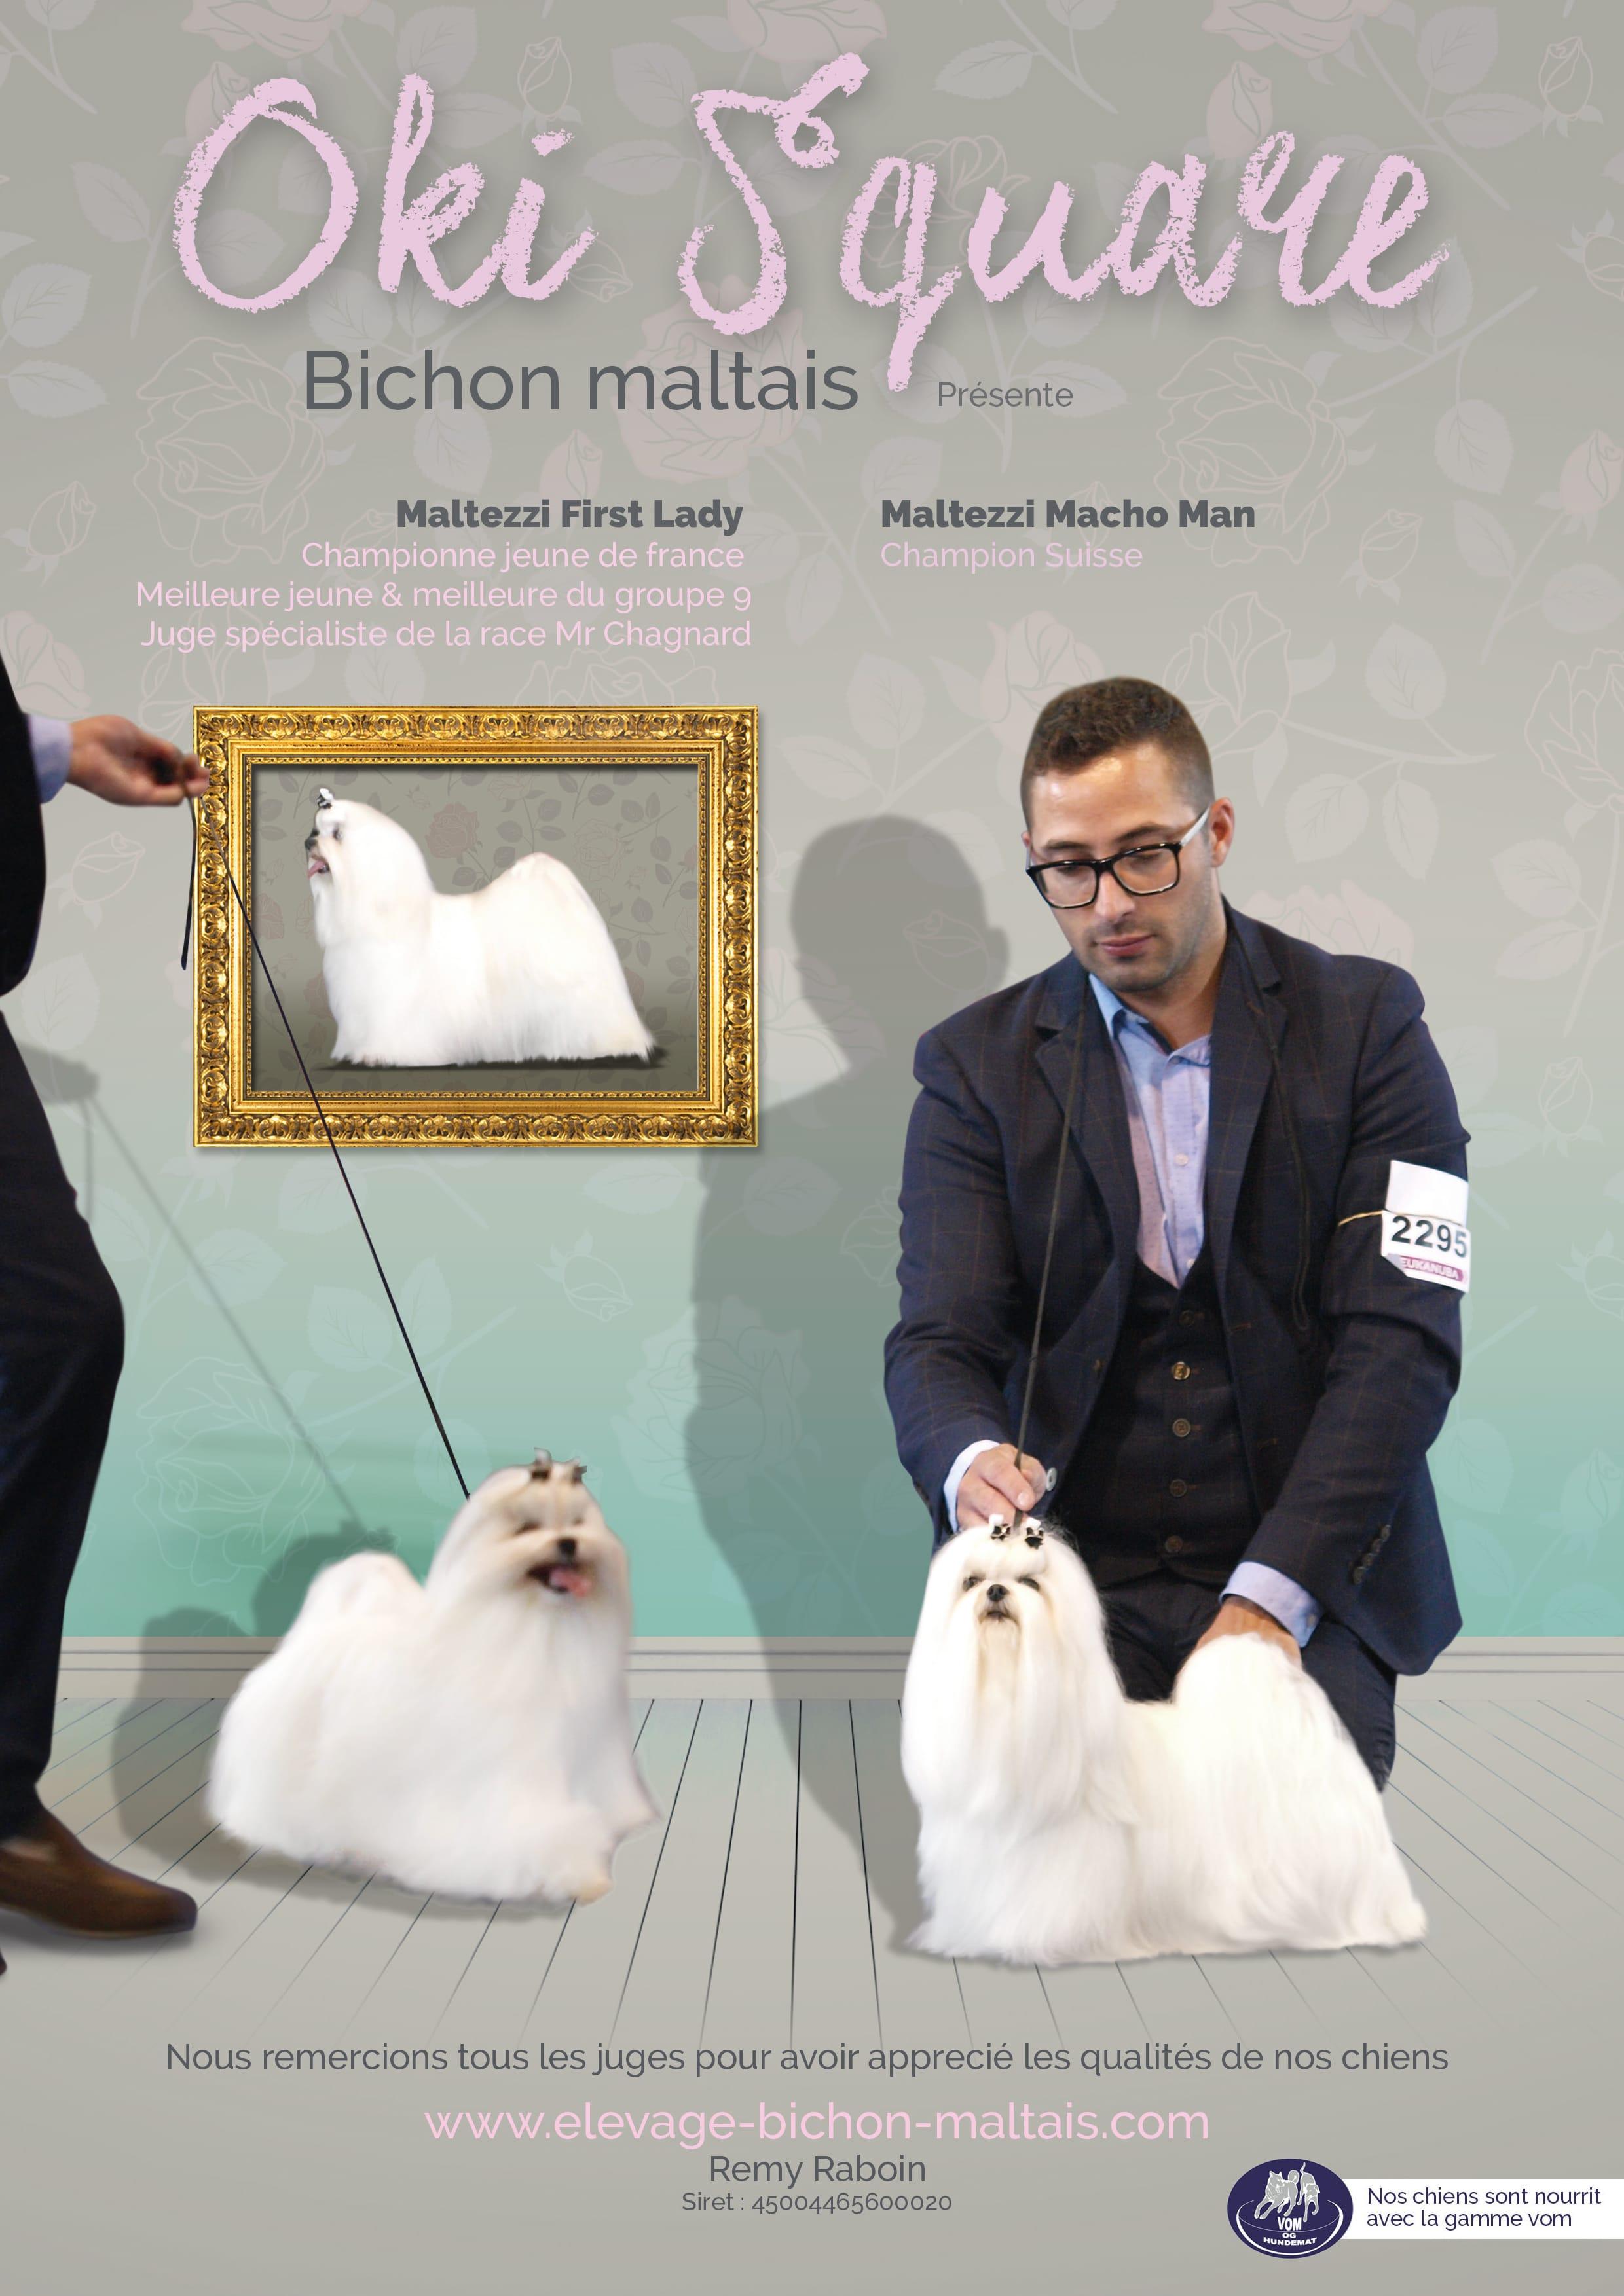 oki-square-publicite-maltezzi-macho-man